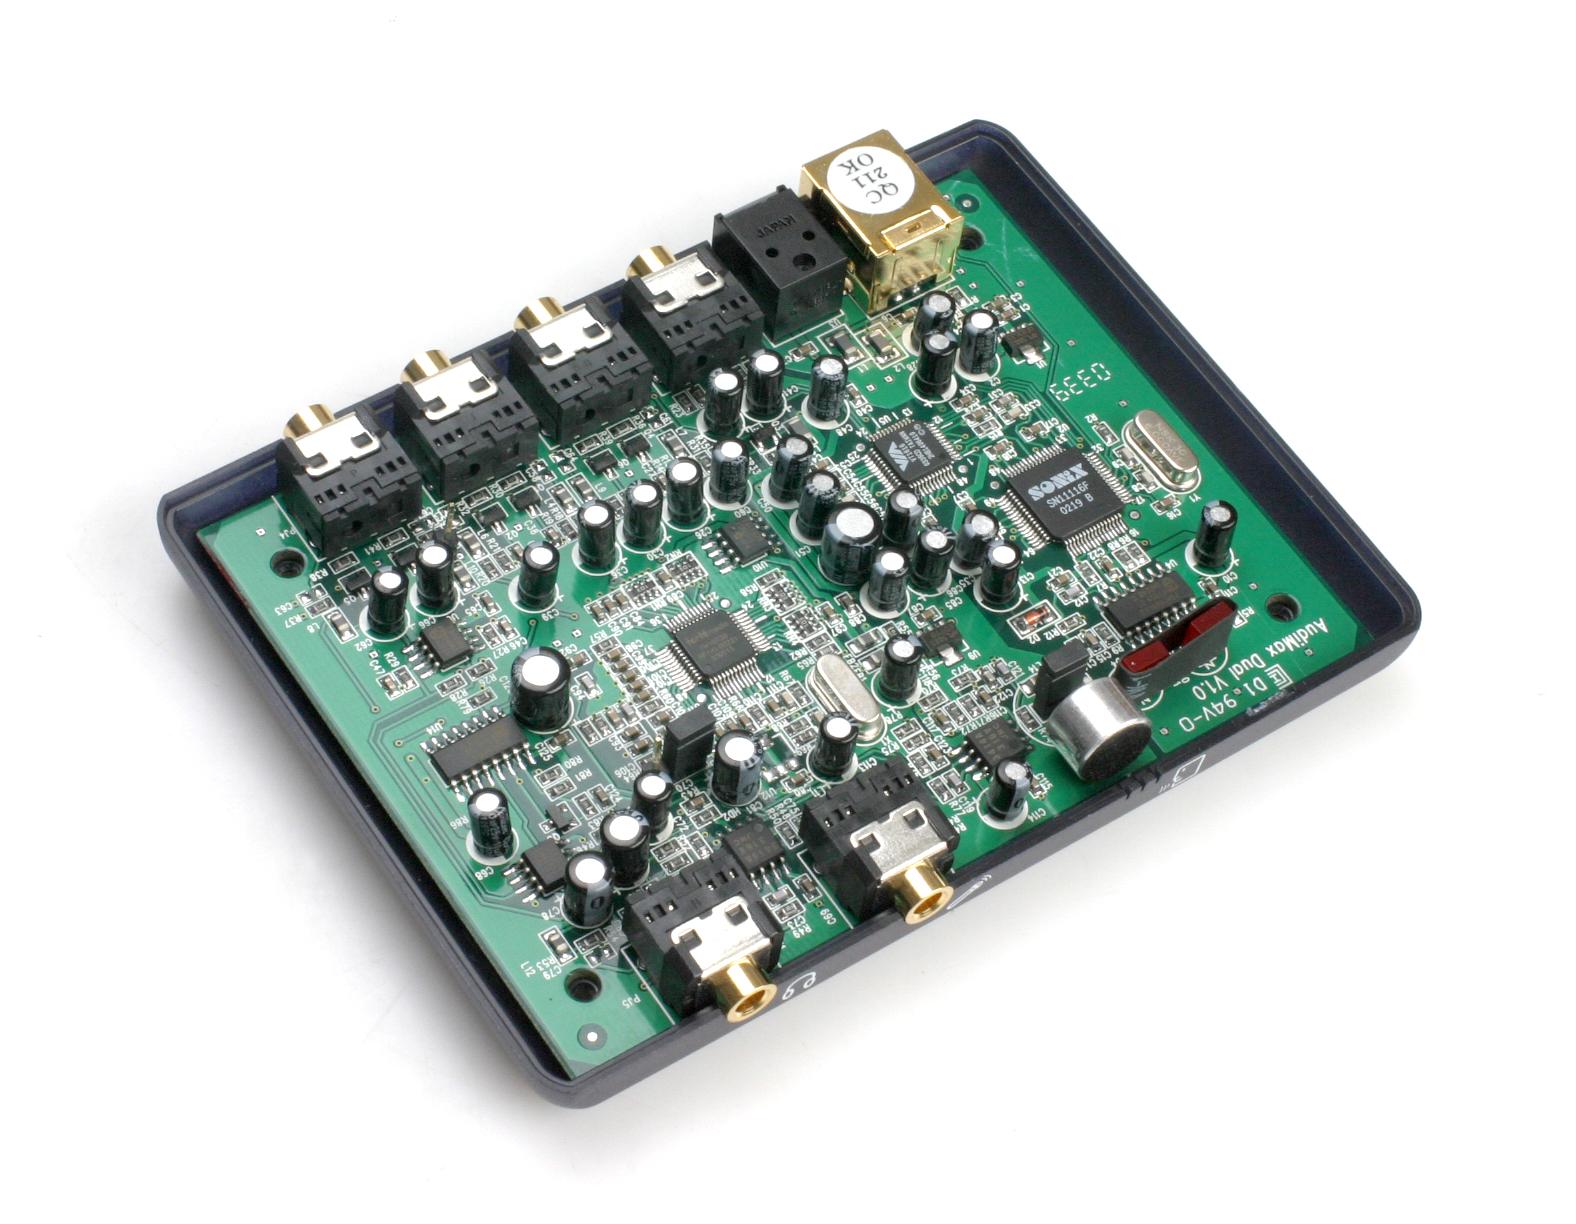 5.1外置声卡    AudiMax的整套产品包括AudiMax本体、USB连接线、一条方口光纤、驱动和若干质保以及说明书,产品并未附送方口转直插光纤头。目前AudiMax的定价为390,在同类型5.1外置声卡产品中占尽了价格优势。    AudiMax的外表是紫蓝色的粉彩调子,AudiMax的LOGO凹下去铸模而成,Mediatek字样是透明的,能透射PCB上红色LED的灯光。外型的设计极尽优雅。     机身的前方是耳机和话筒的前级输入,以及内置的麦克风收音头。在机身后侧则是提供一组两声道模拟输入、中